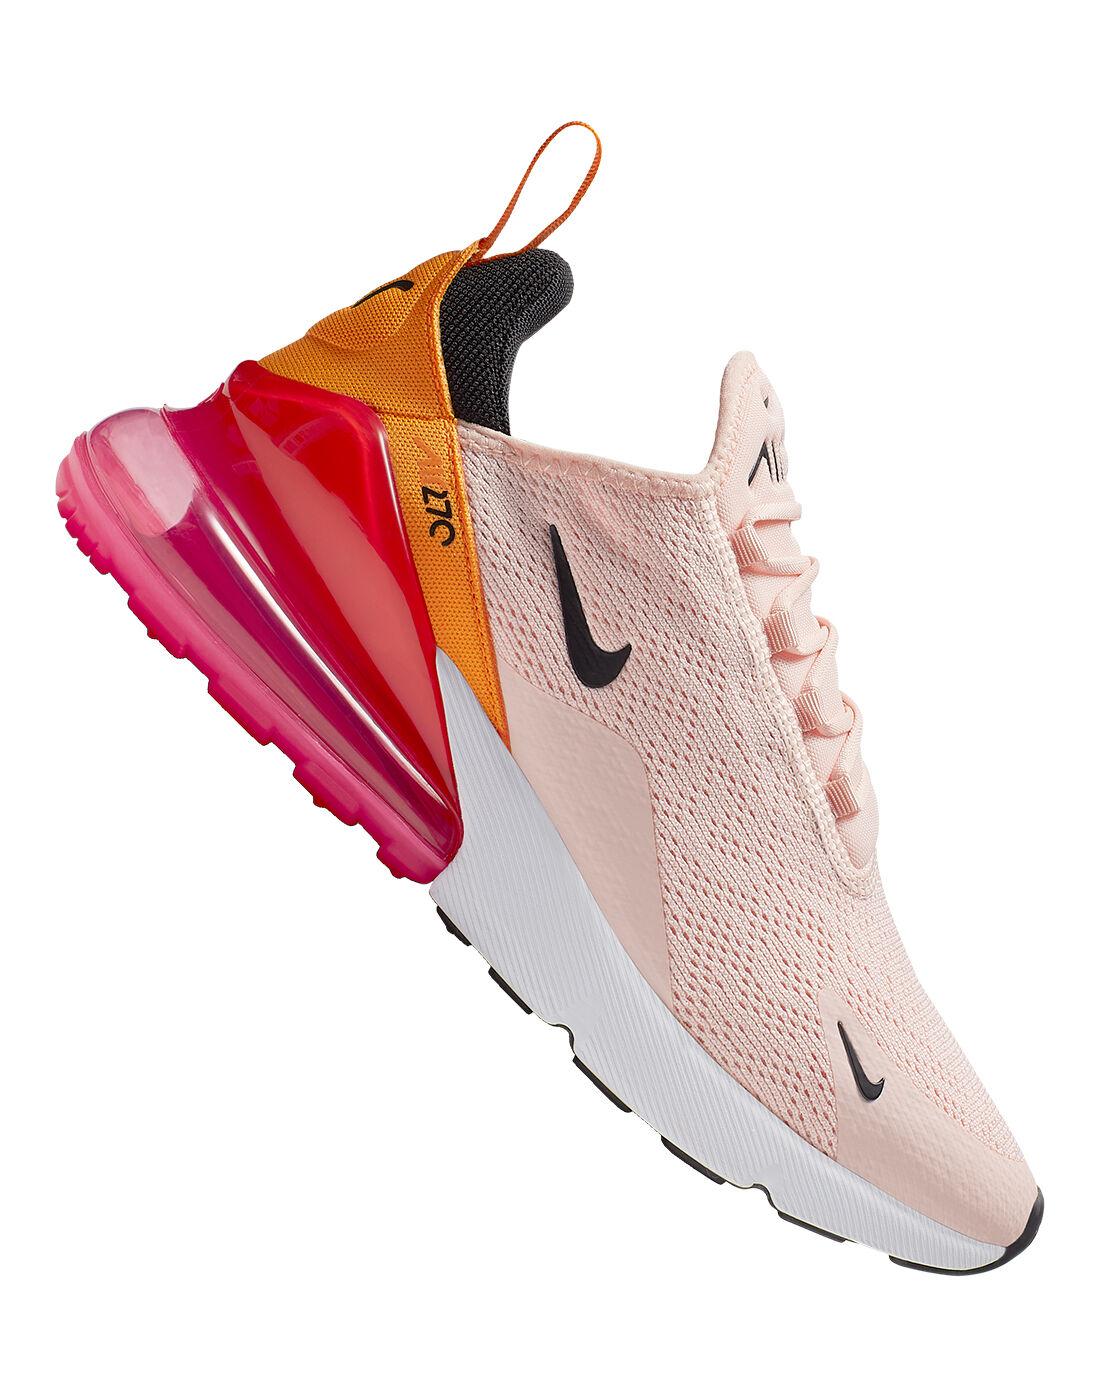 Women's Pink \u0026 Peach Nike Air Max 270